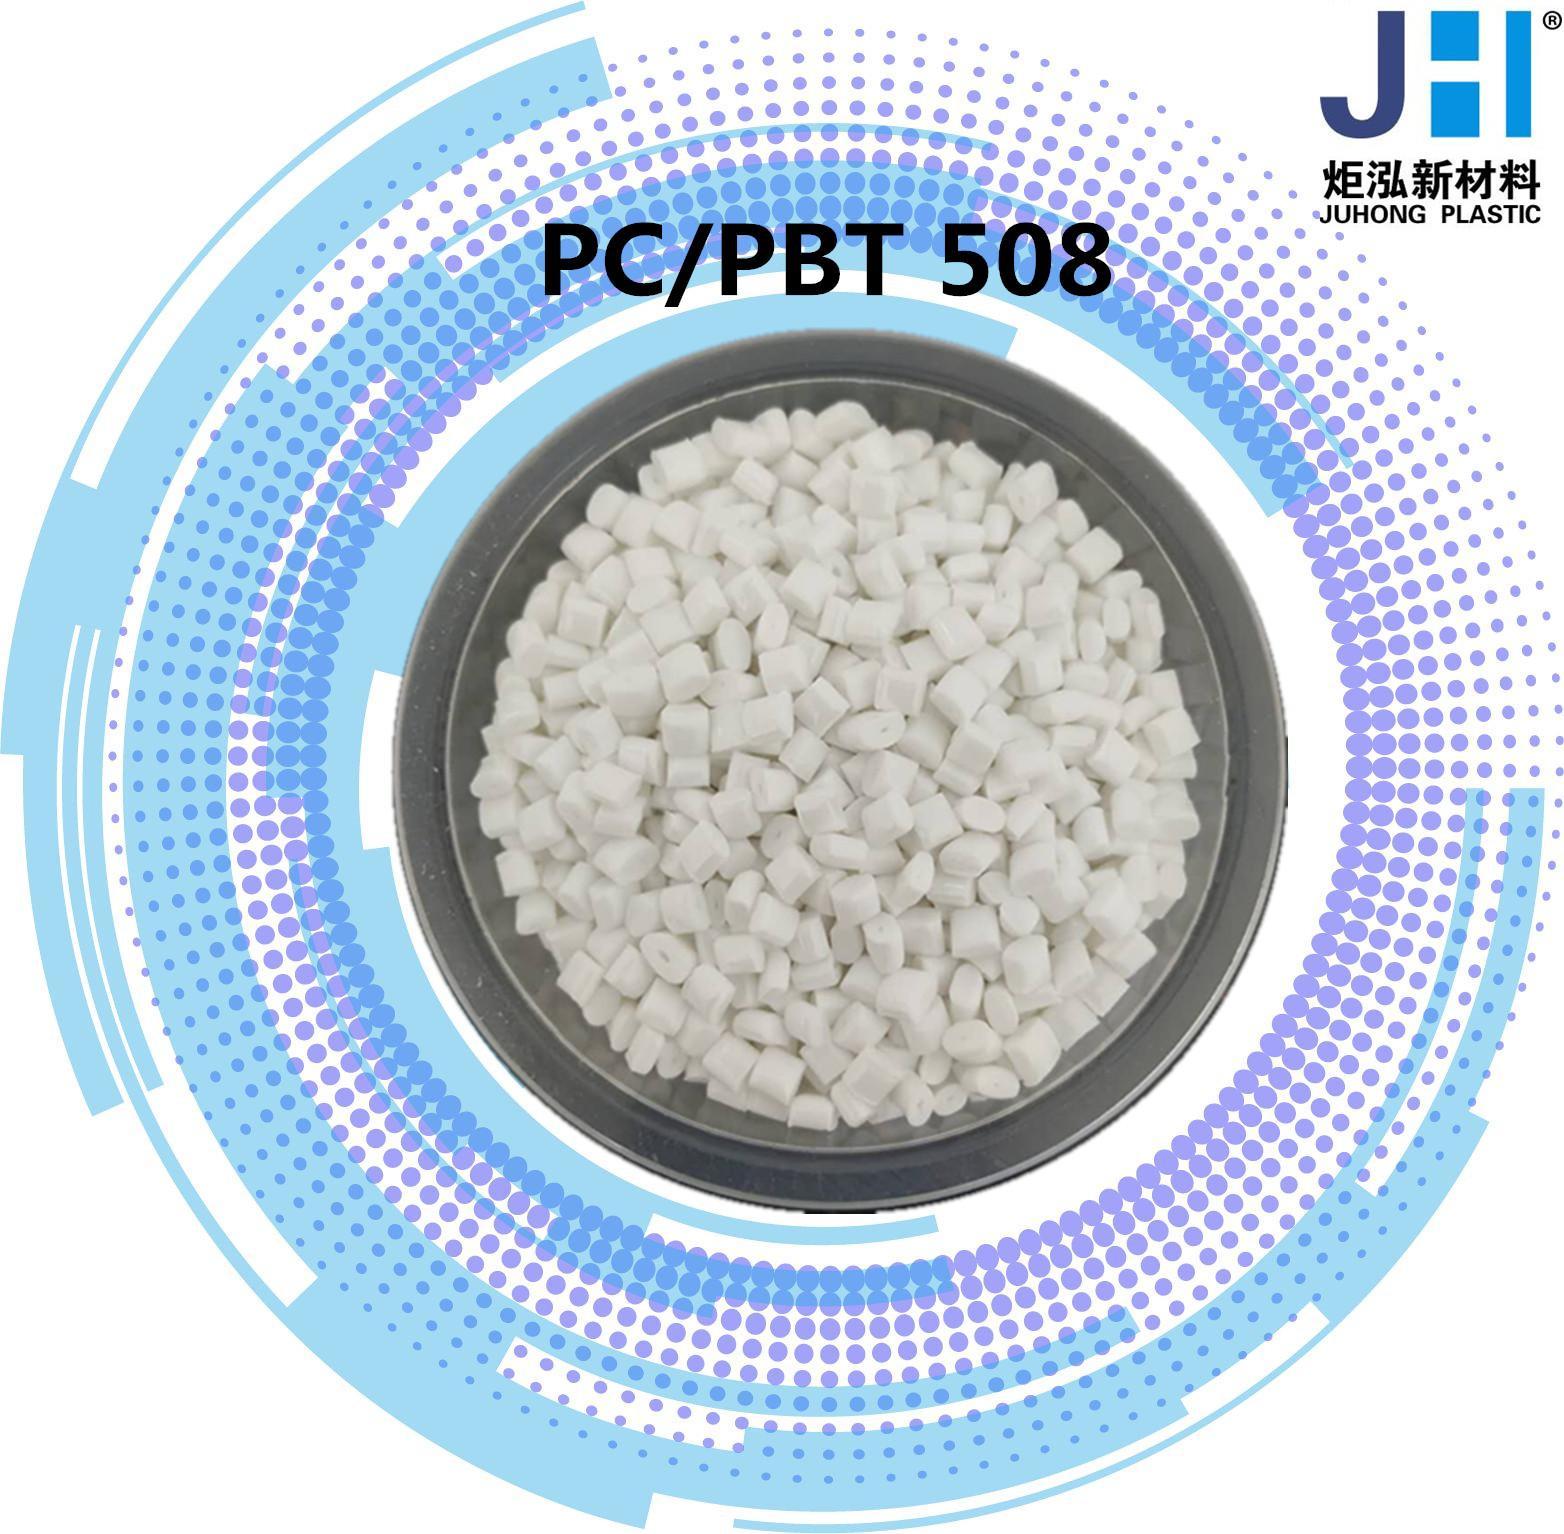 供應PC-PBT 玻纖增強30% 508替代料  家電把手 聚光燈 電動機連接器材料 2